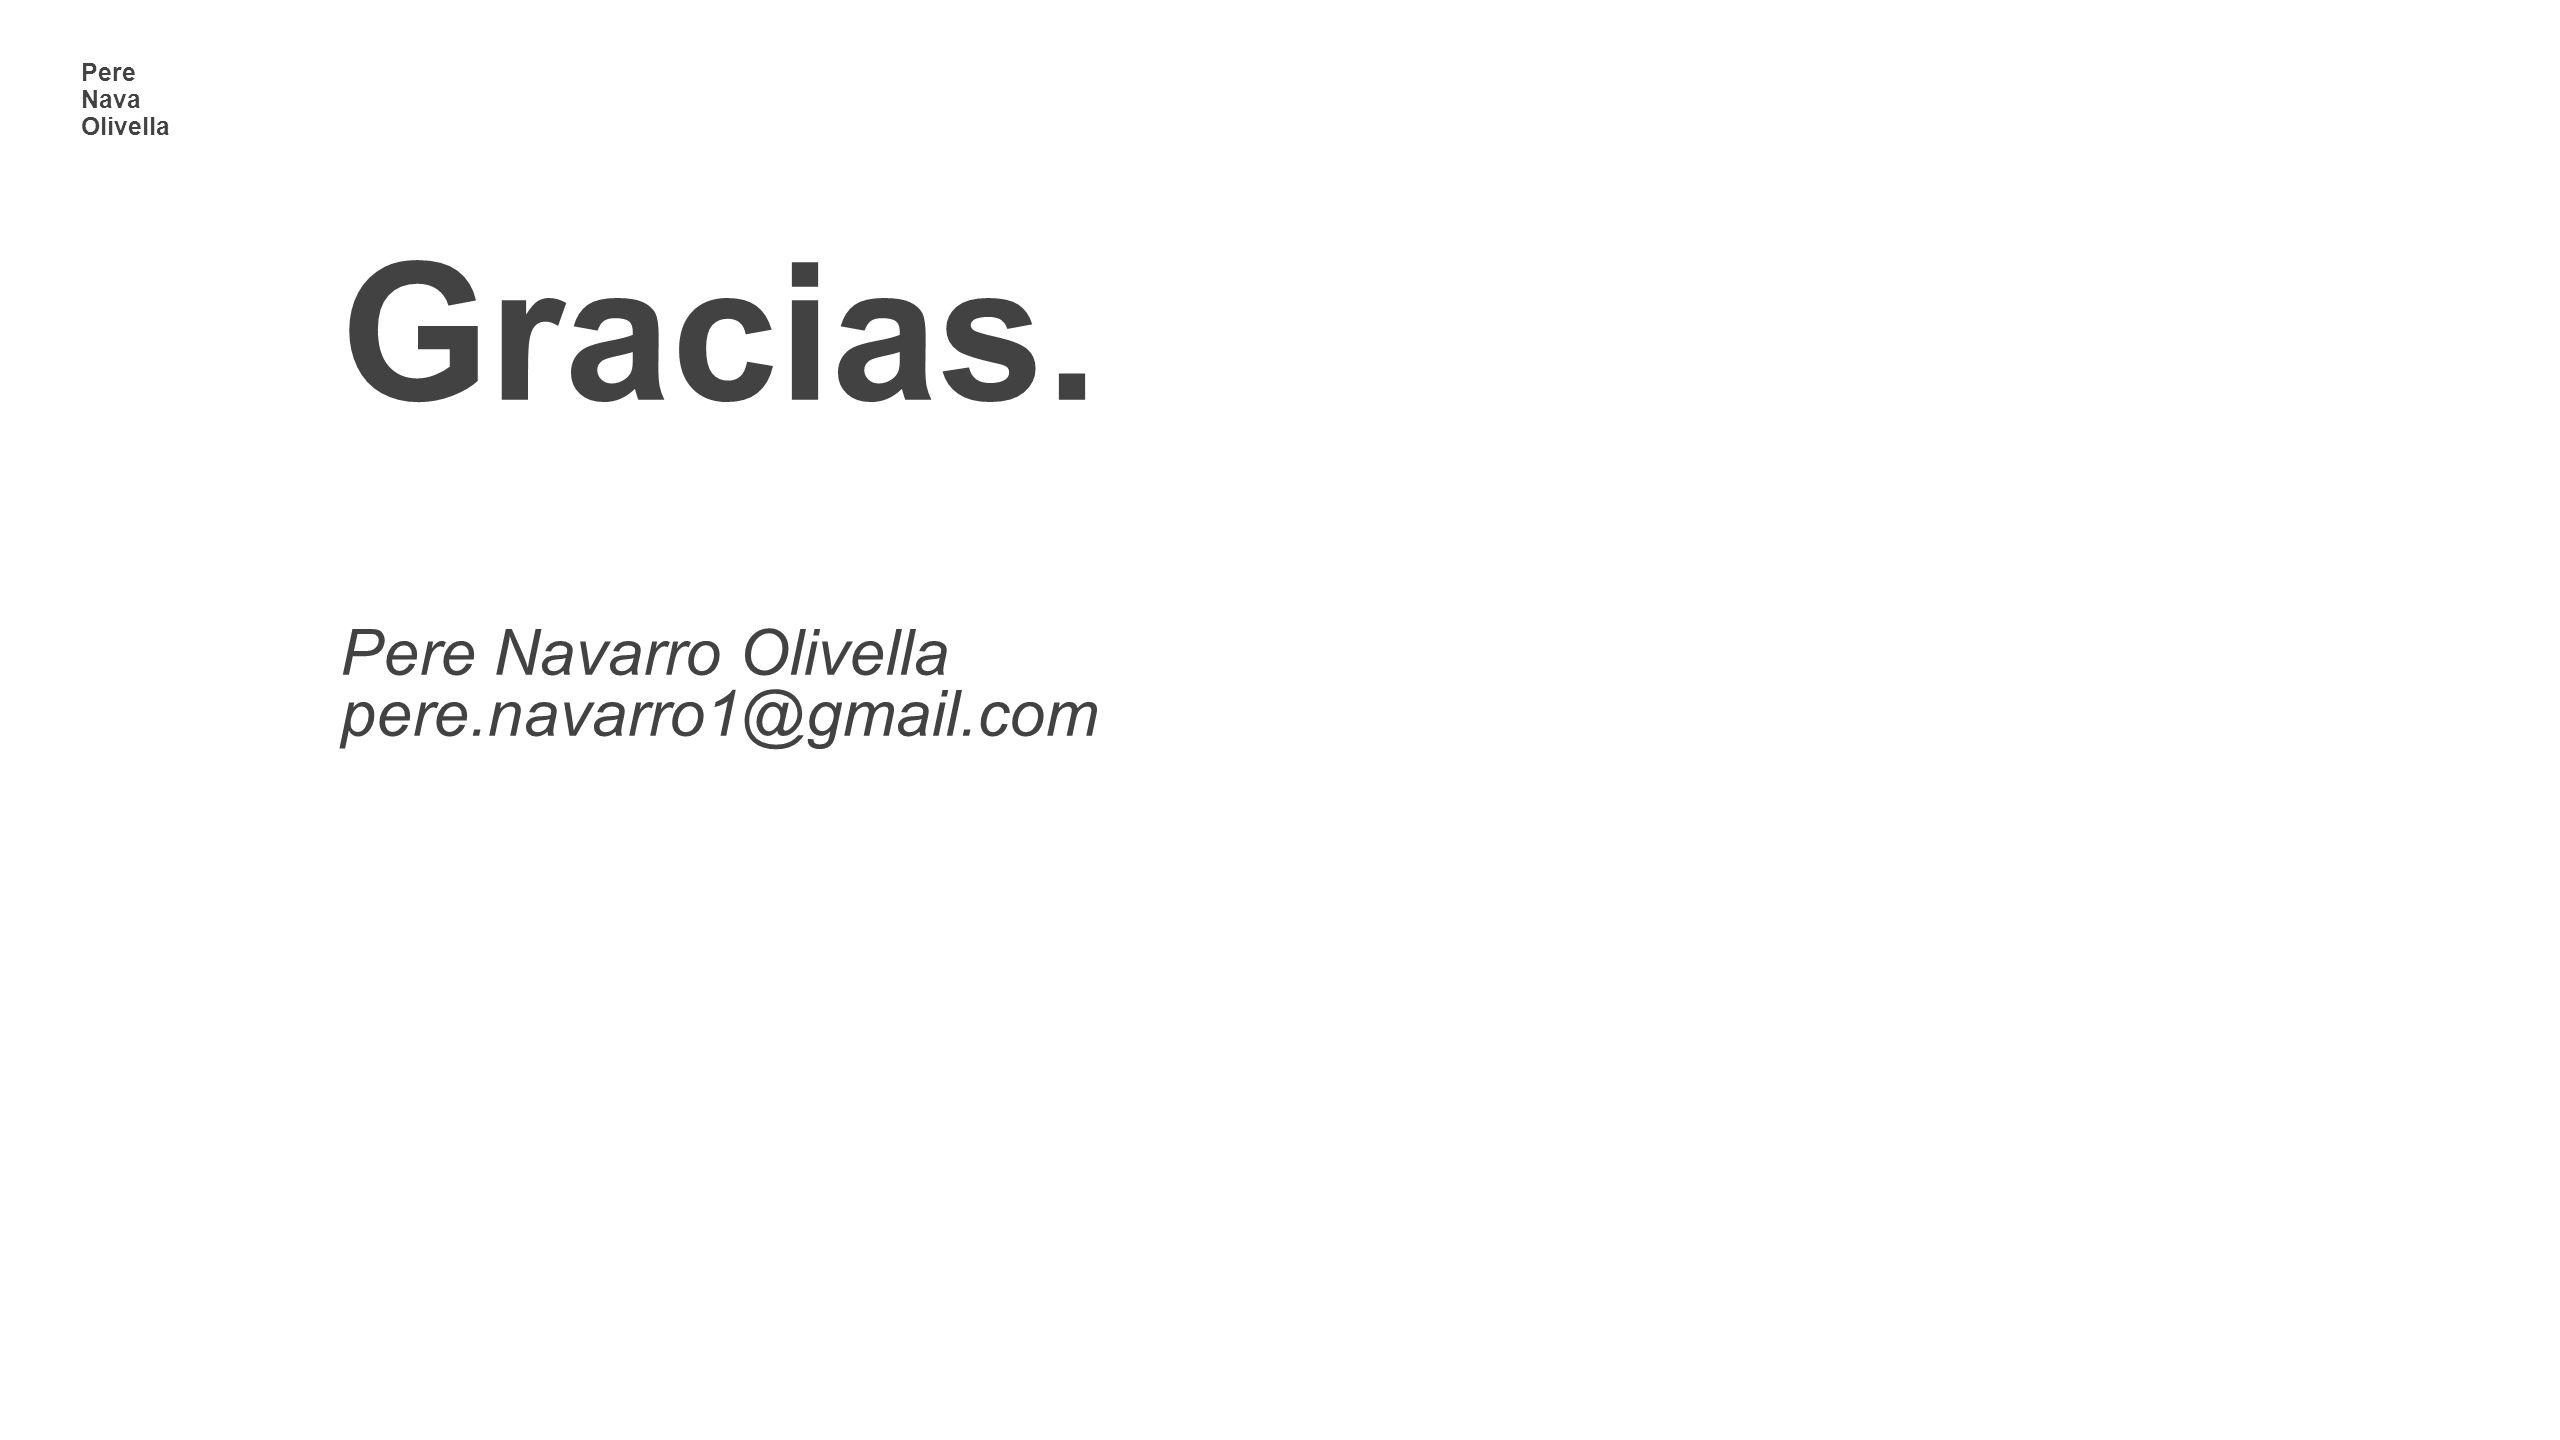 Gracias. Pere Navarro Olivella pere.navarro1@gmail.com Pere Nava Olivella